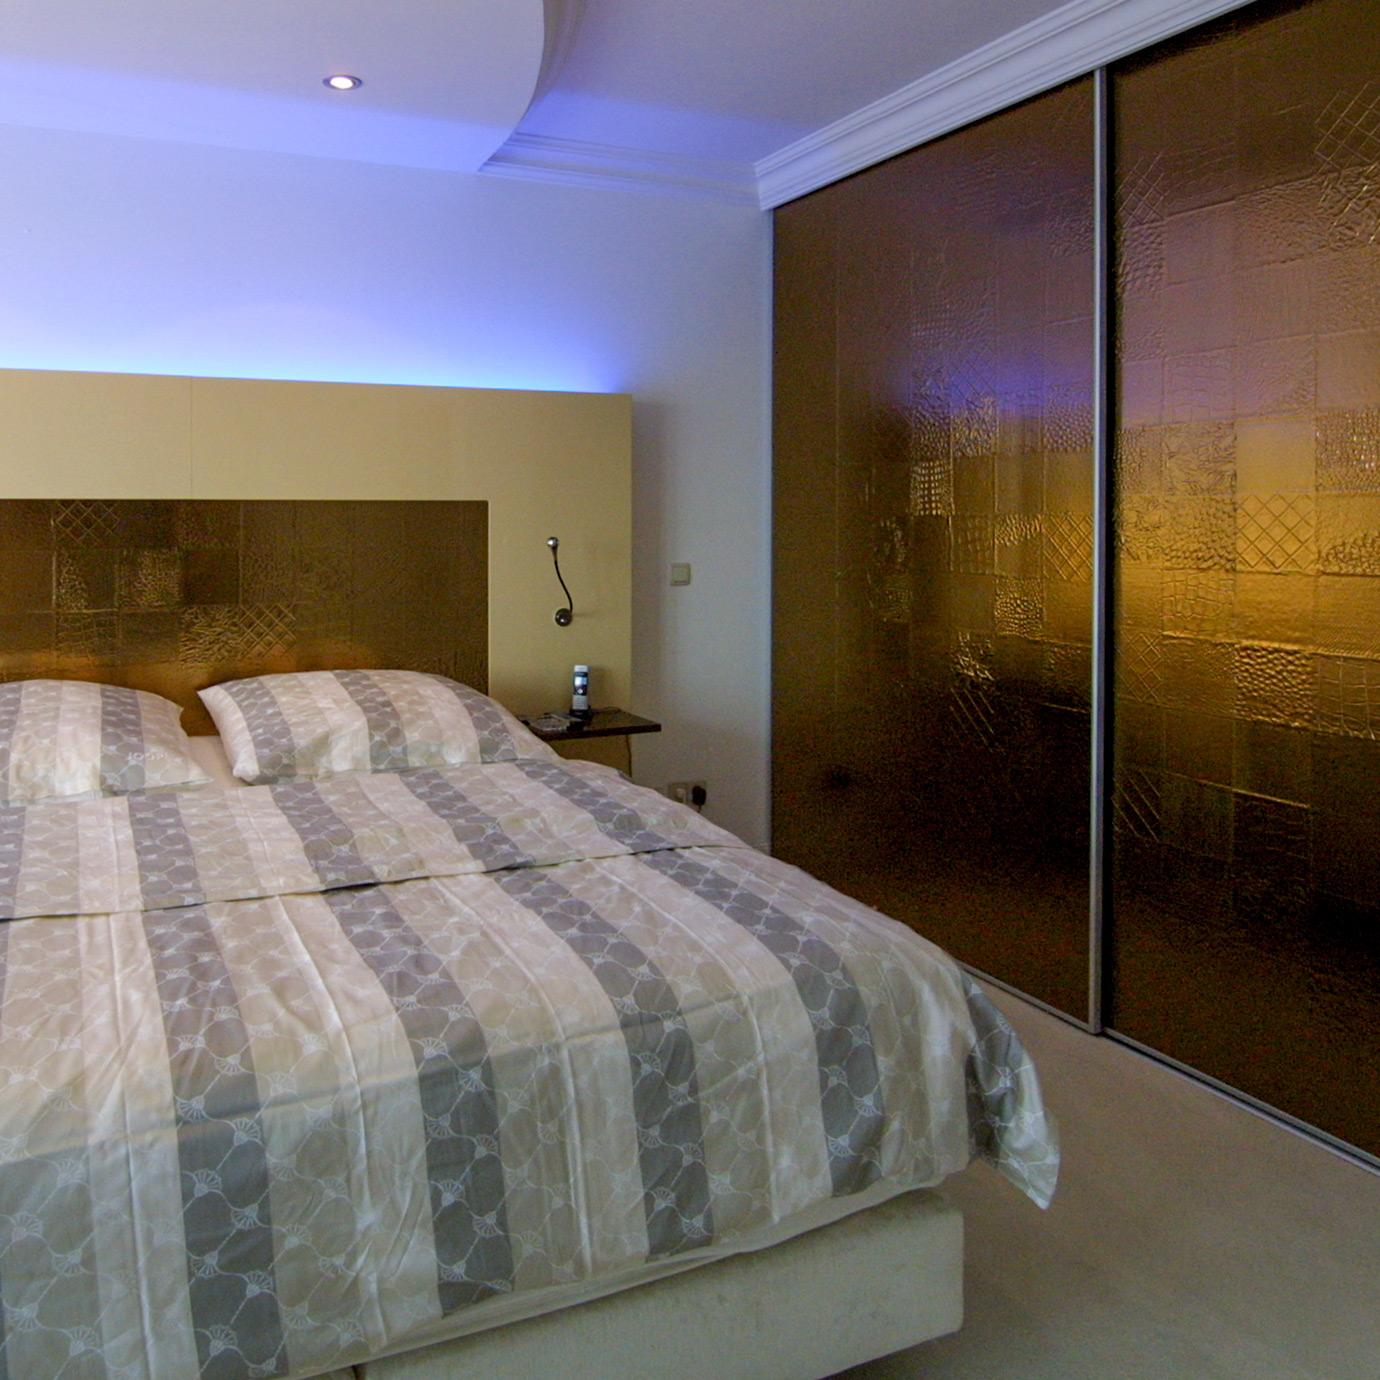 Schlafzimmer nach Maß: schrankidee - Peter Dany - München